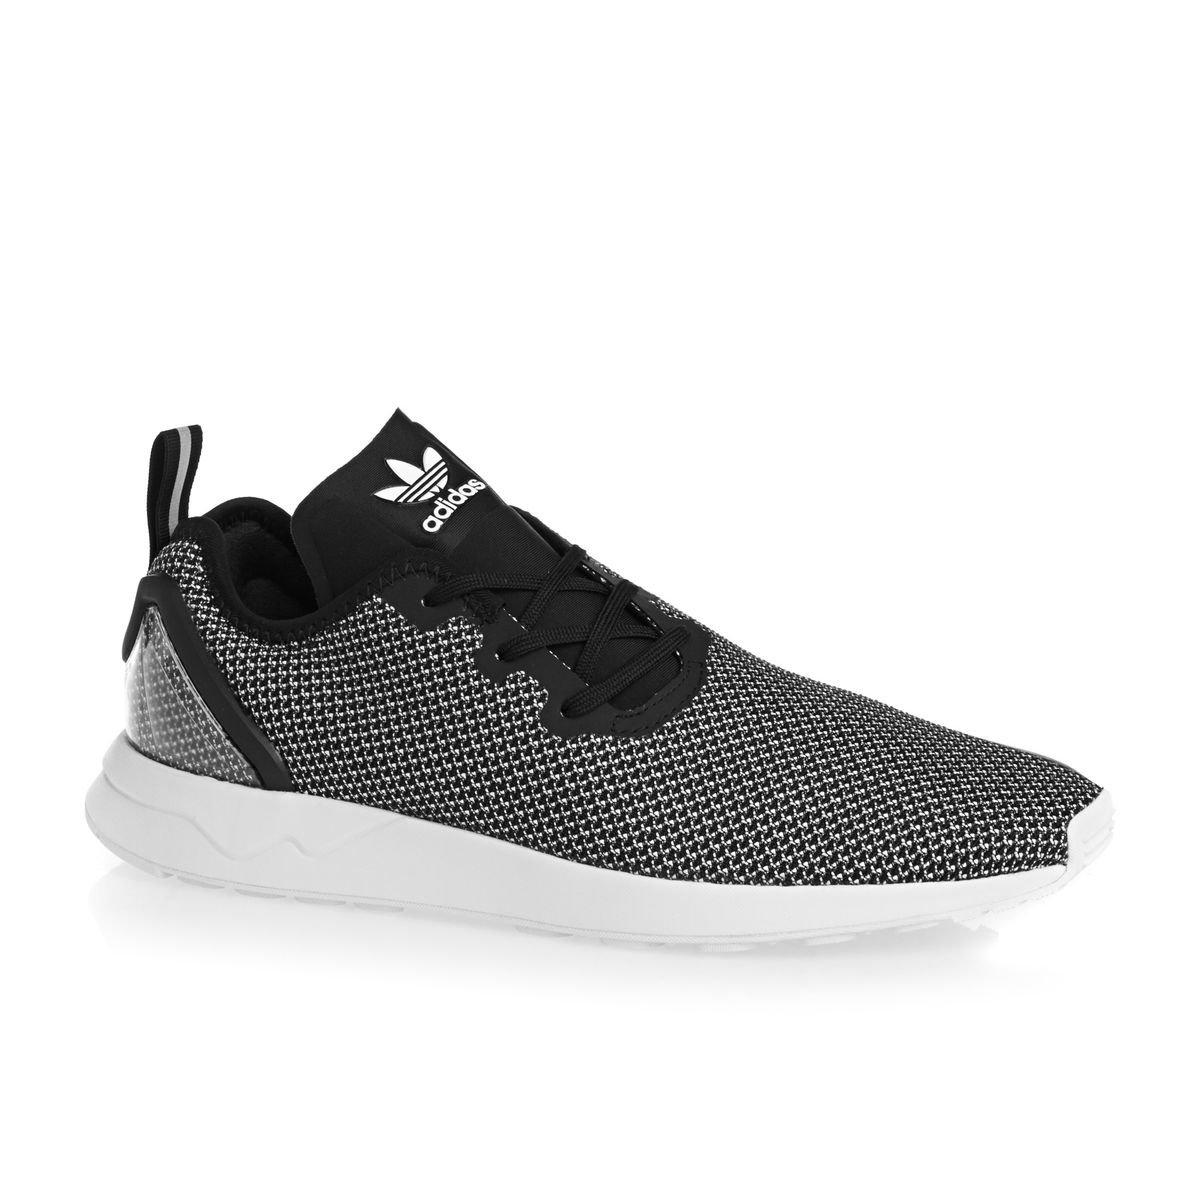 3d41ff34630e9 adidas Mens Originals Zx Flux Adv Asymmetrical Trainers Core Black Blue  Glow  Amazon.co.uk  Shoes   Bags